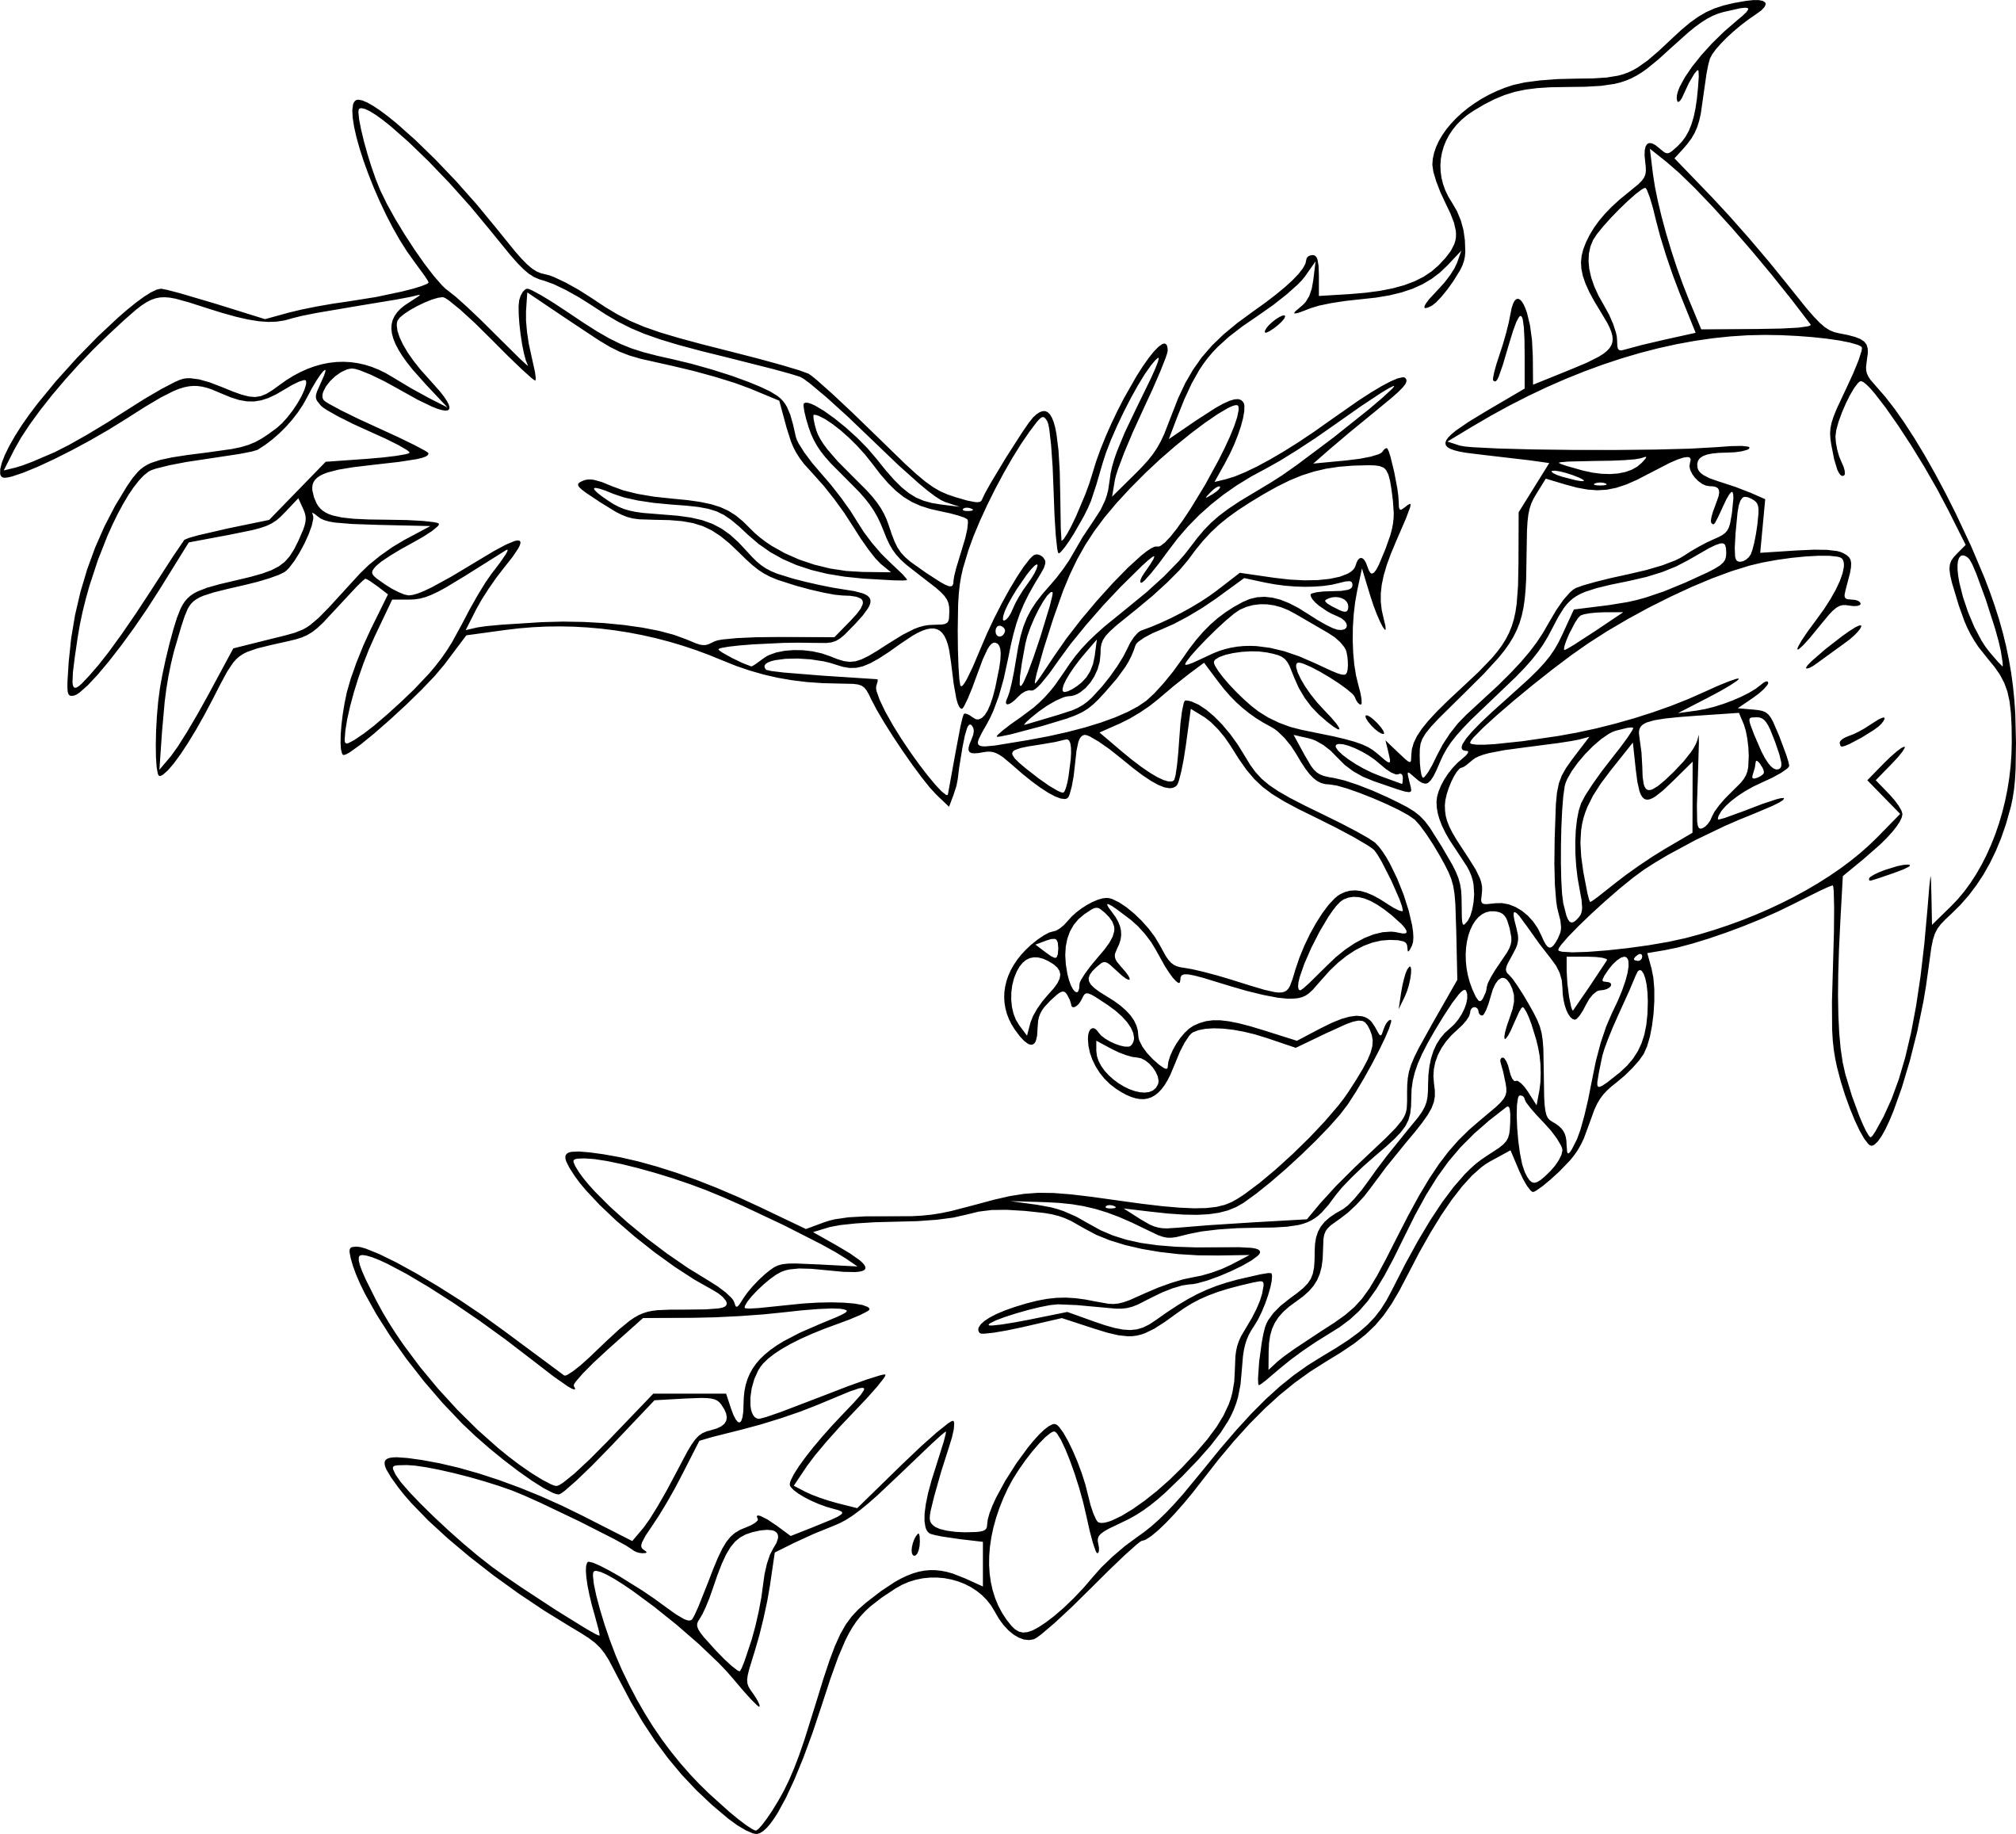 Meilleur De Coloriage Pokemon Yveltal A Imprimer | Haut serapportantà Coloriage De Pokemon A Imprimer